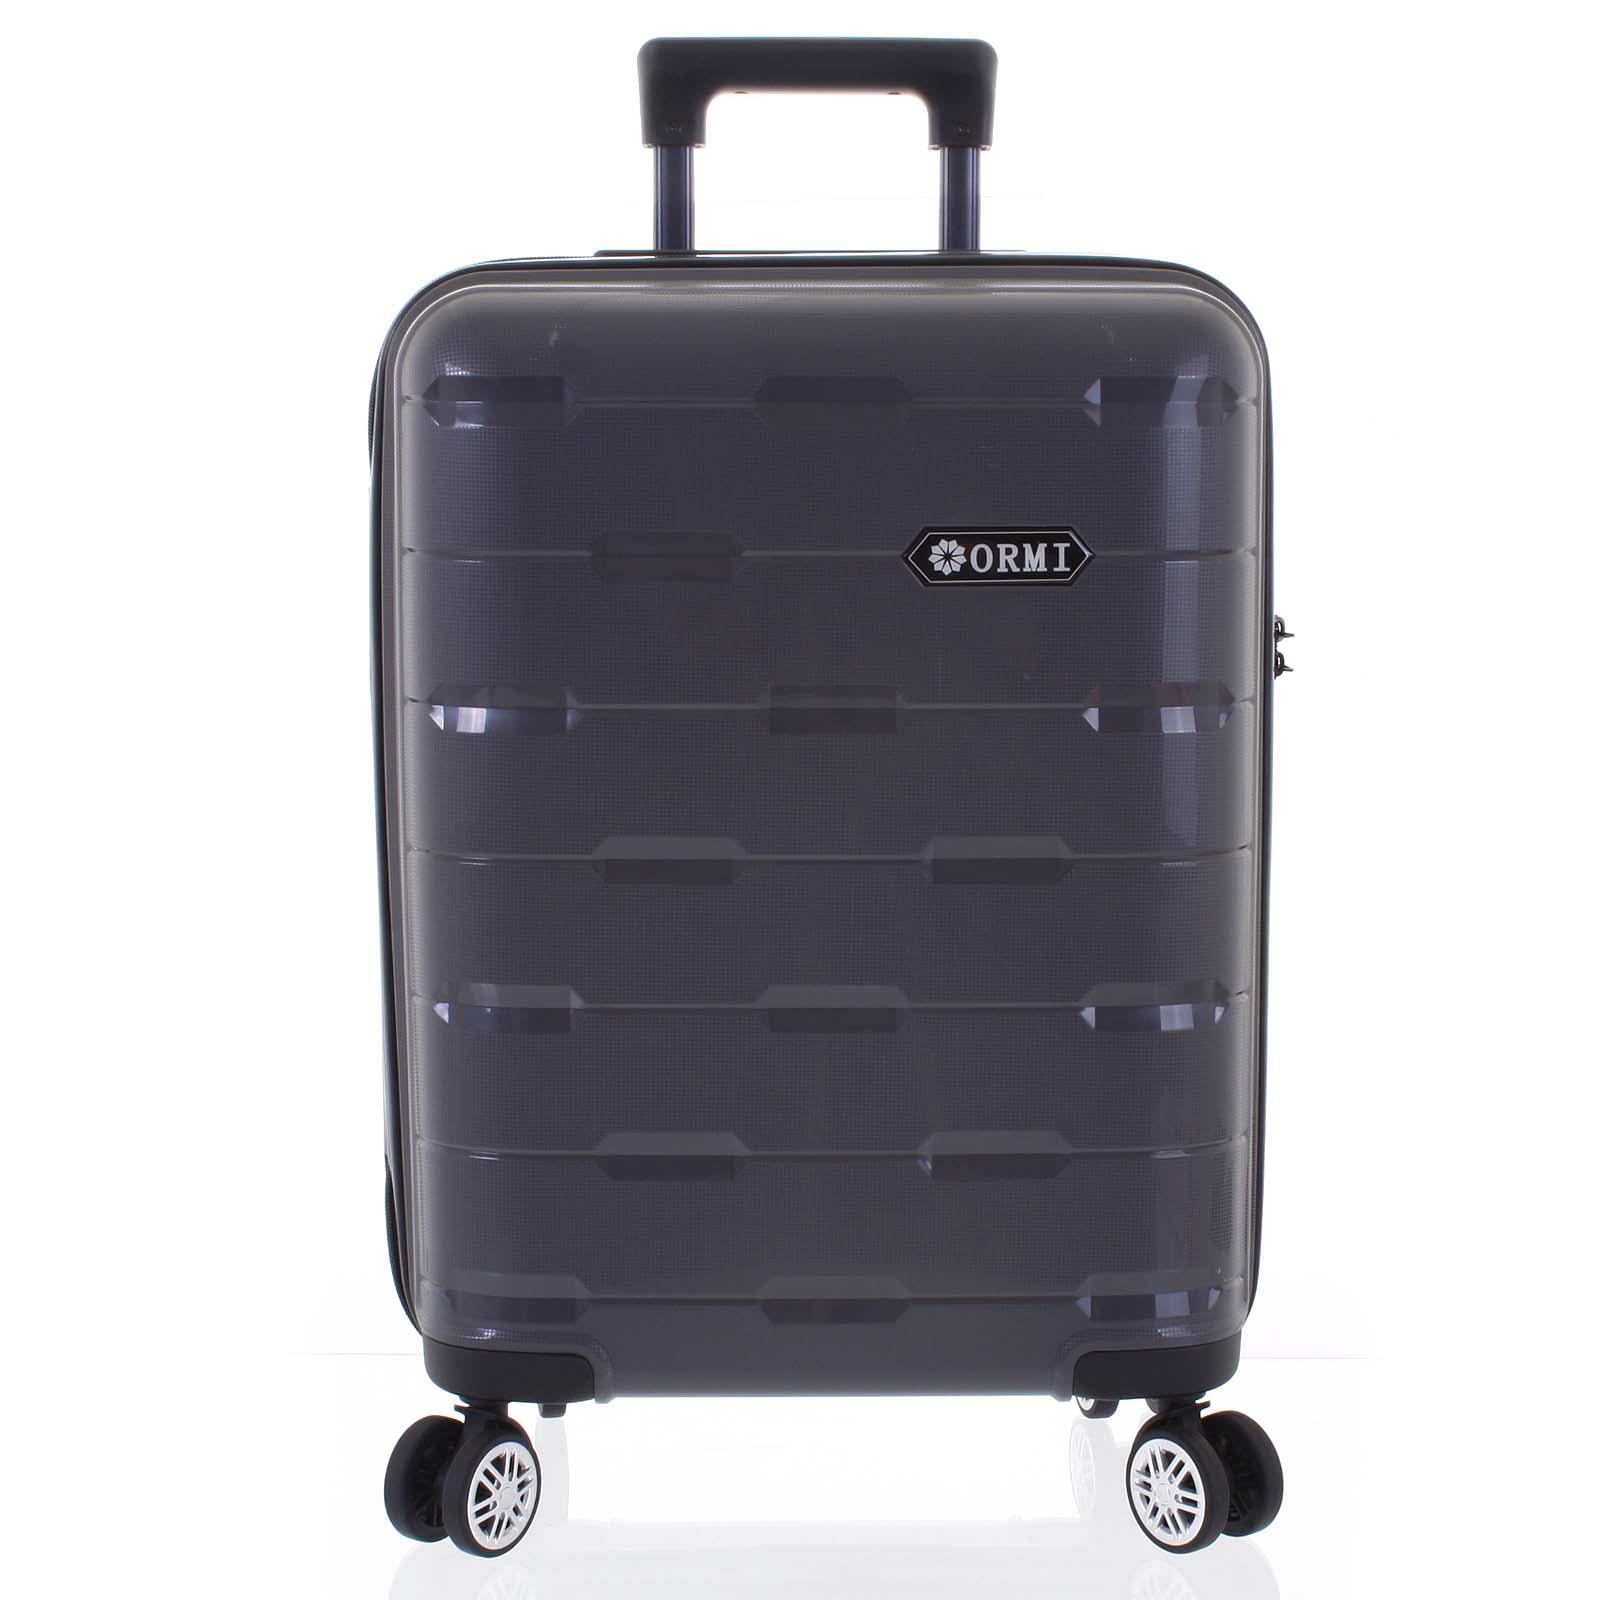 Luxusní tmavě šedý skořepinový vzorovaný kufr - Ormi Predhe S